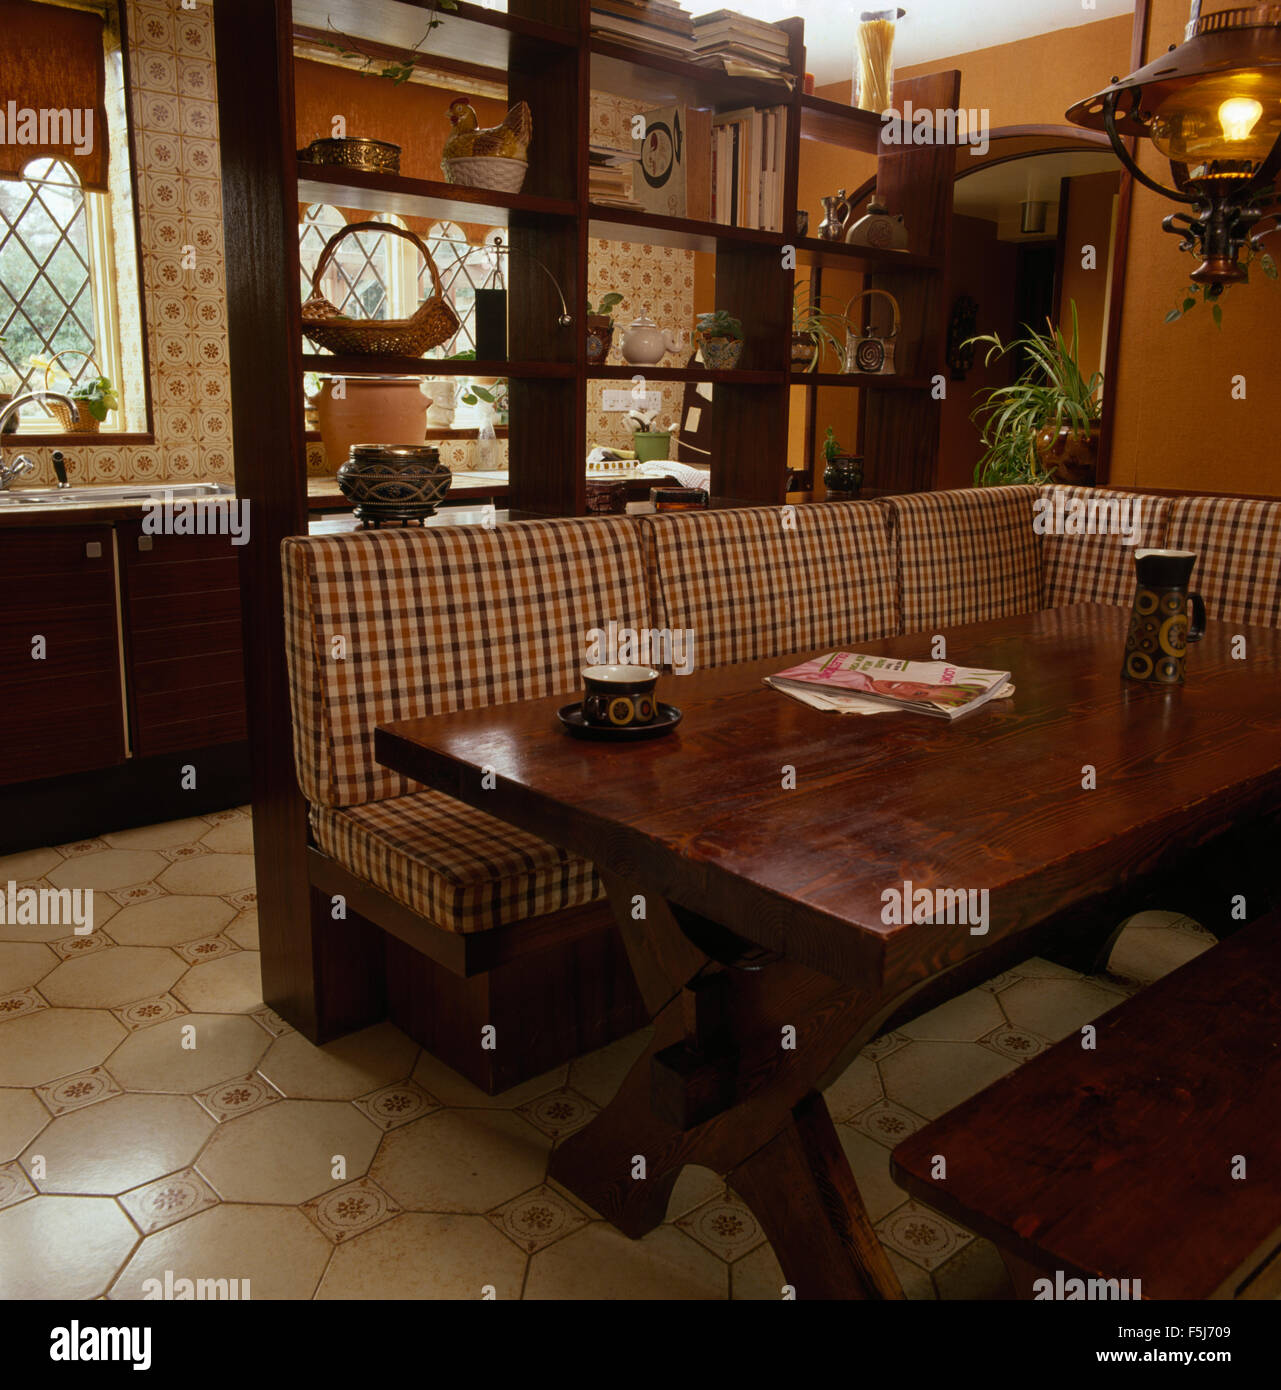 Cuscini Per Panche Cucina.Verifica Cuscini Su Panca Posti A Sedere Presso Un Legno Scuro Nella